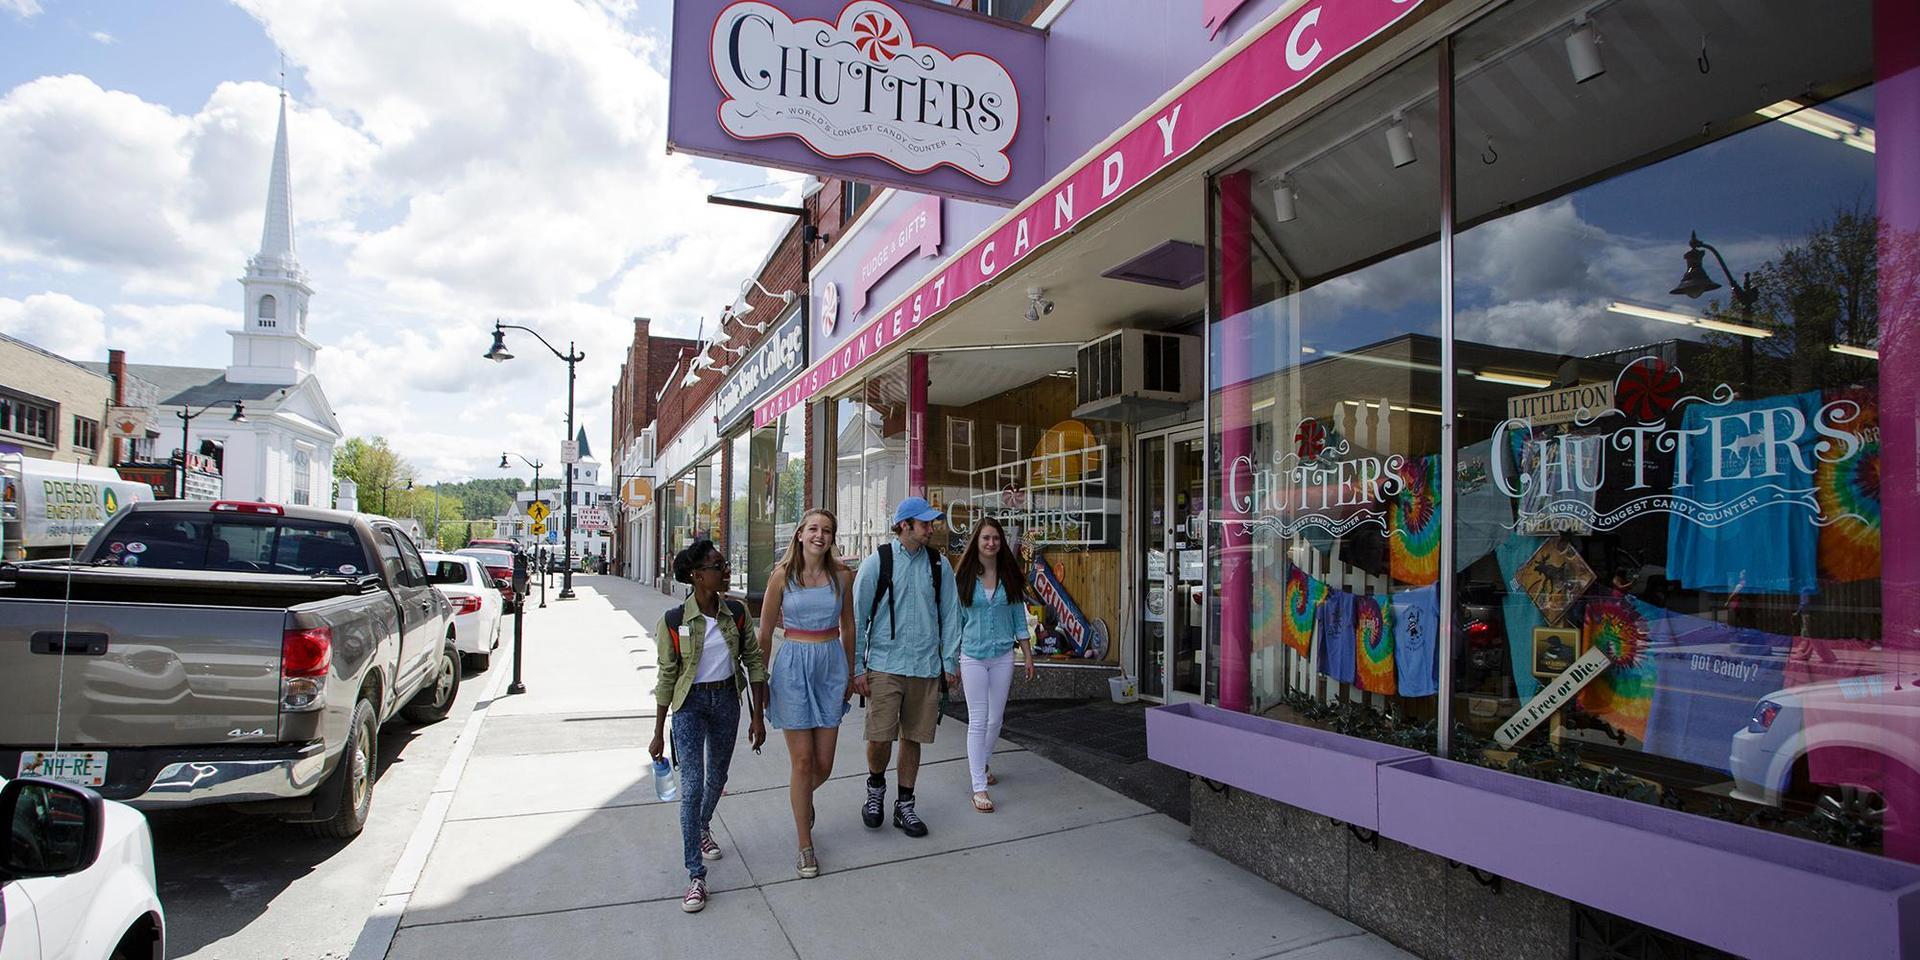 在新罕布什尔州利特尔顿市中心,学生们一群一群地走着.